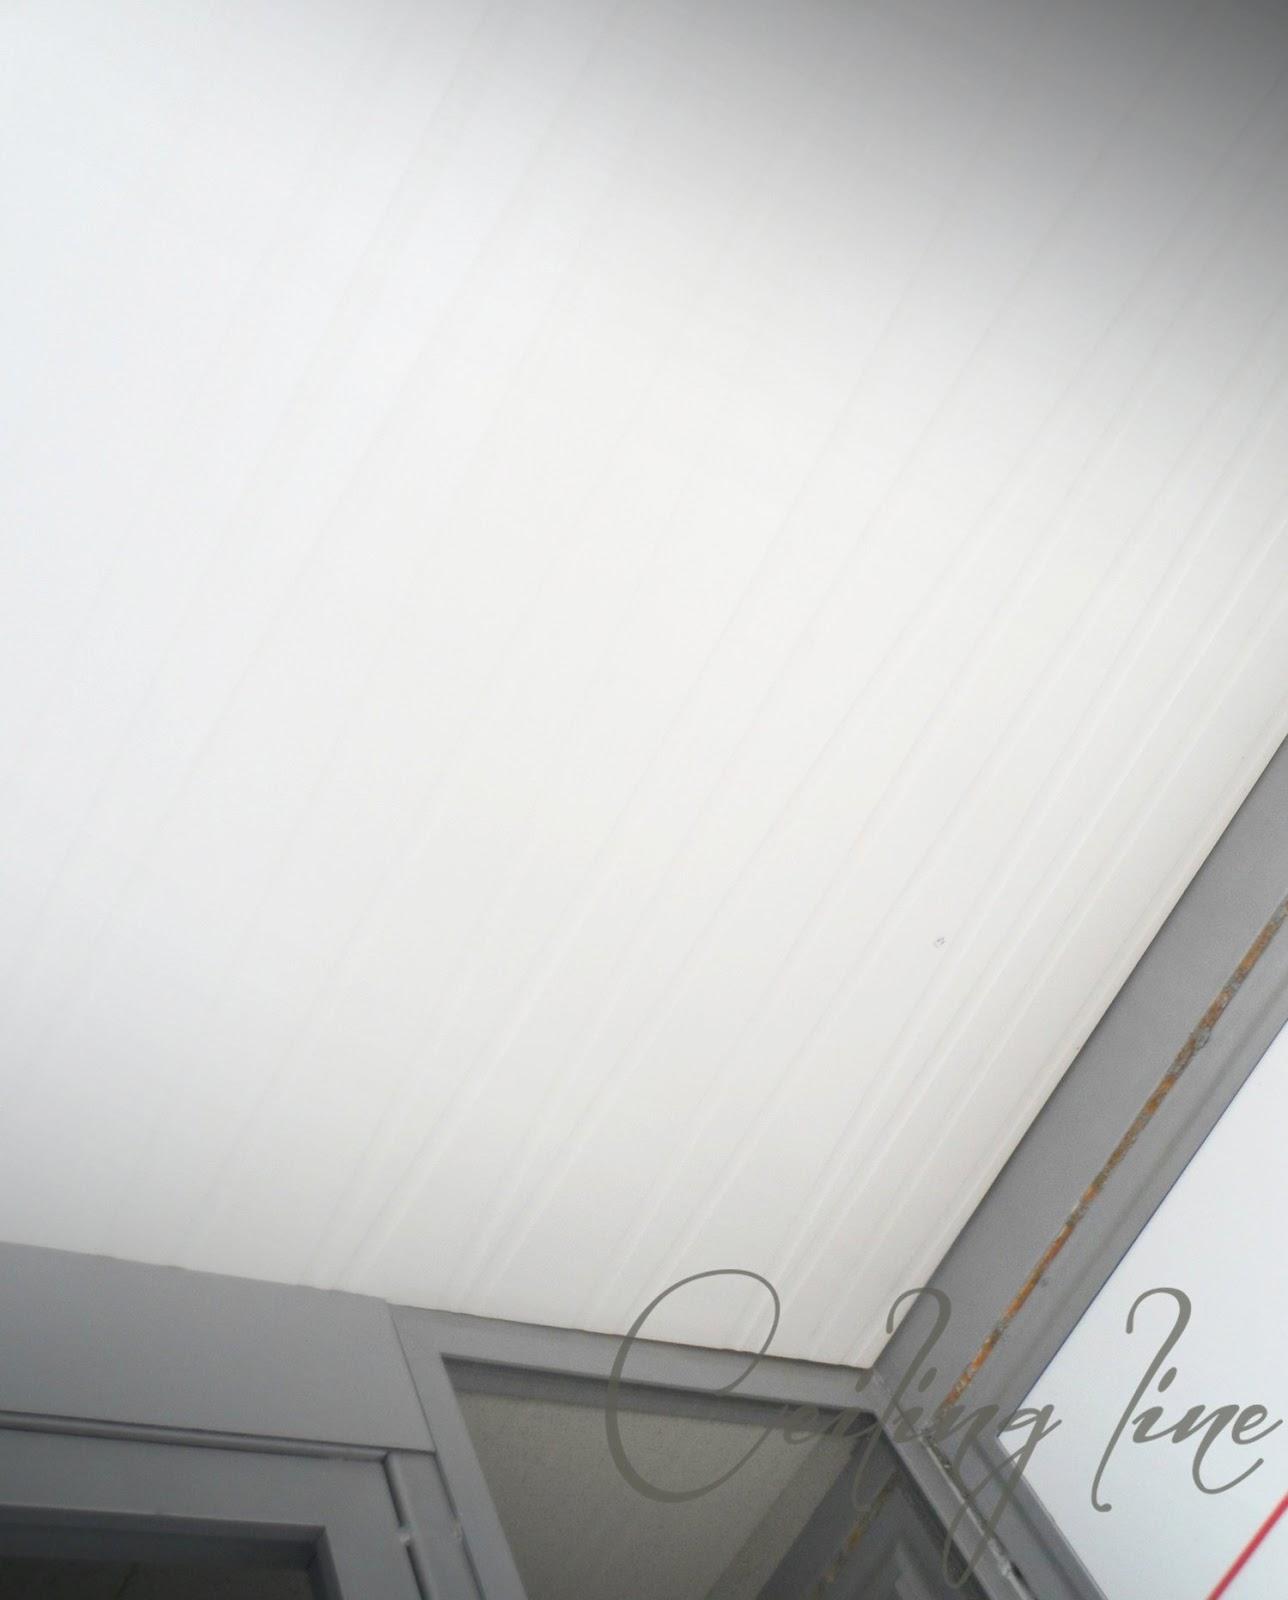 Pannelli per controsoffitti pannelli decorativi da parete - Pannelli da parete decorativi ...